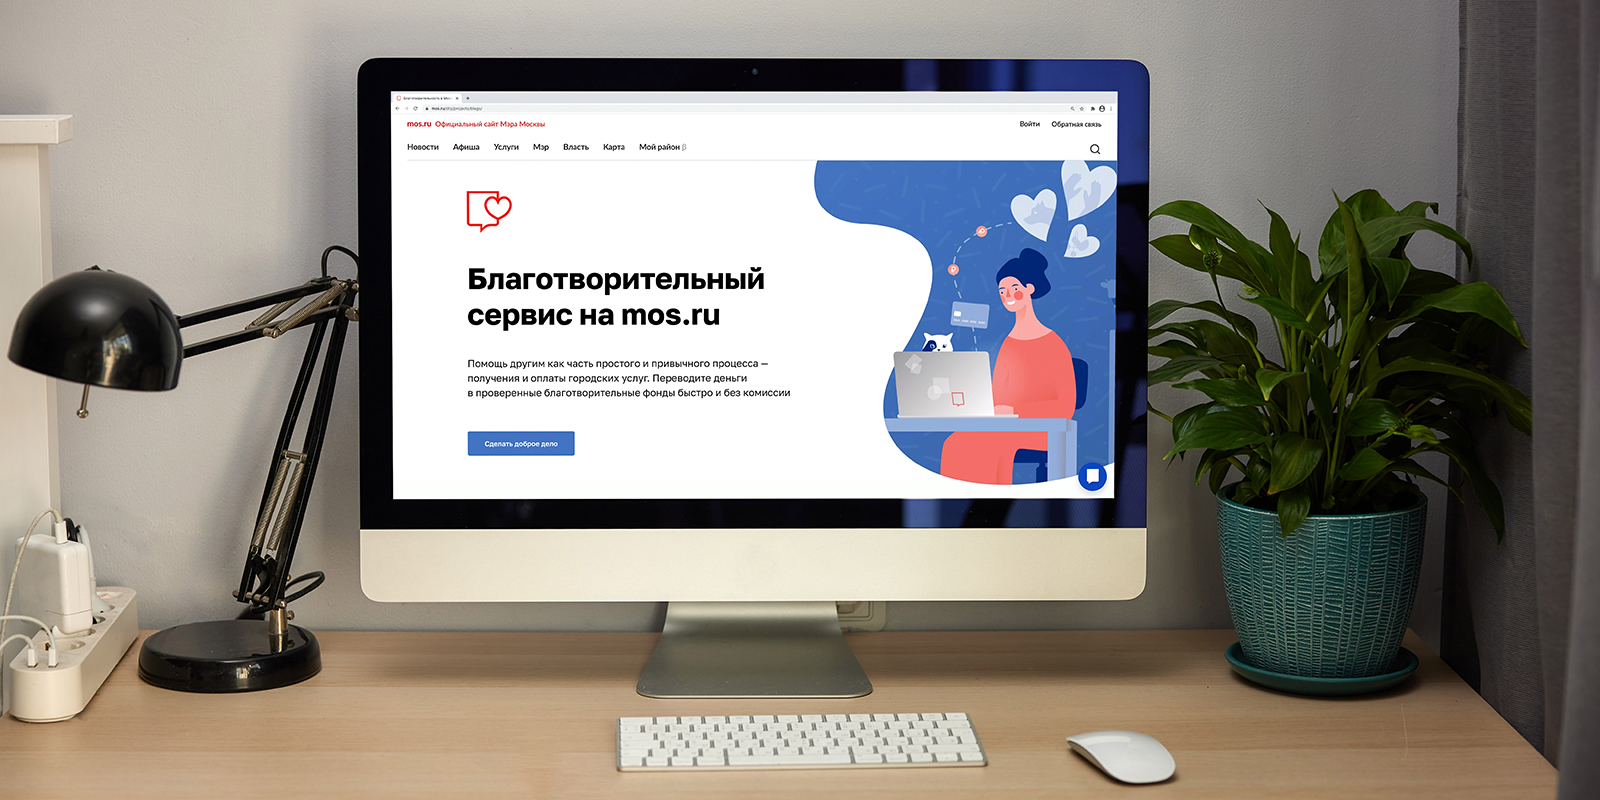 Благотворительный сервис на портале mos.ru получил международную премию Big Innovation Awards